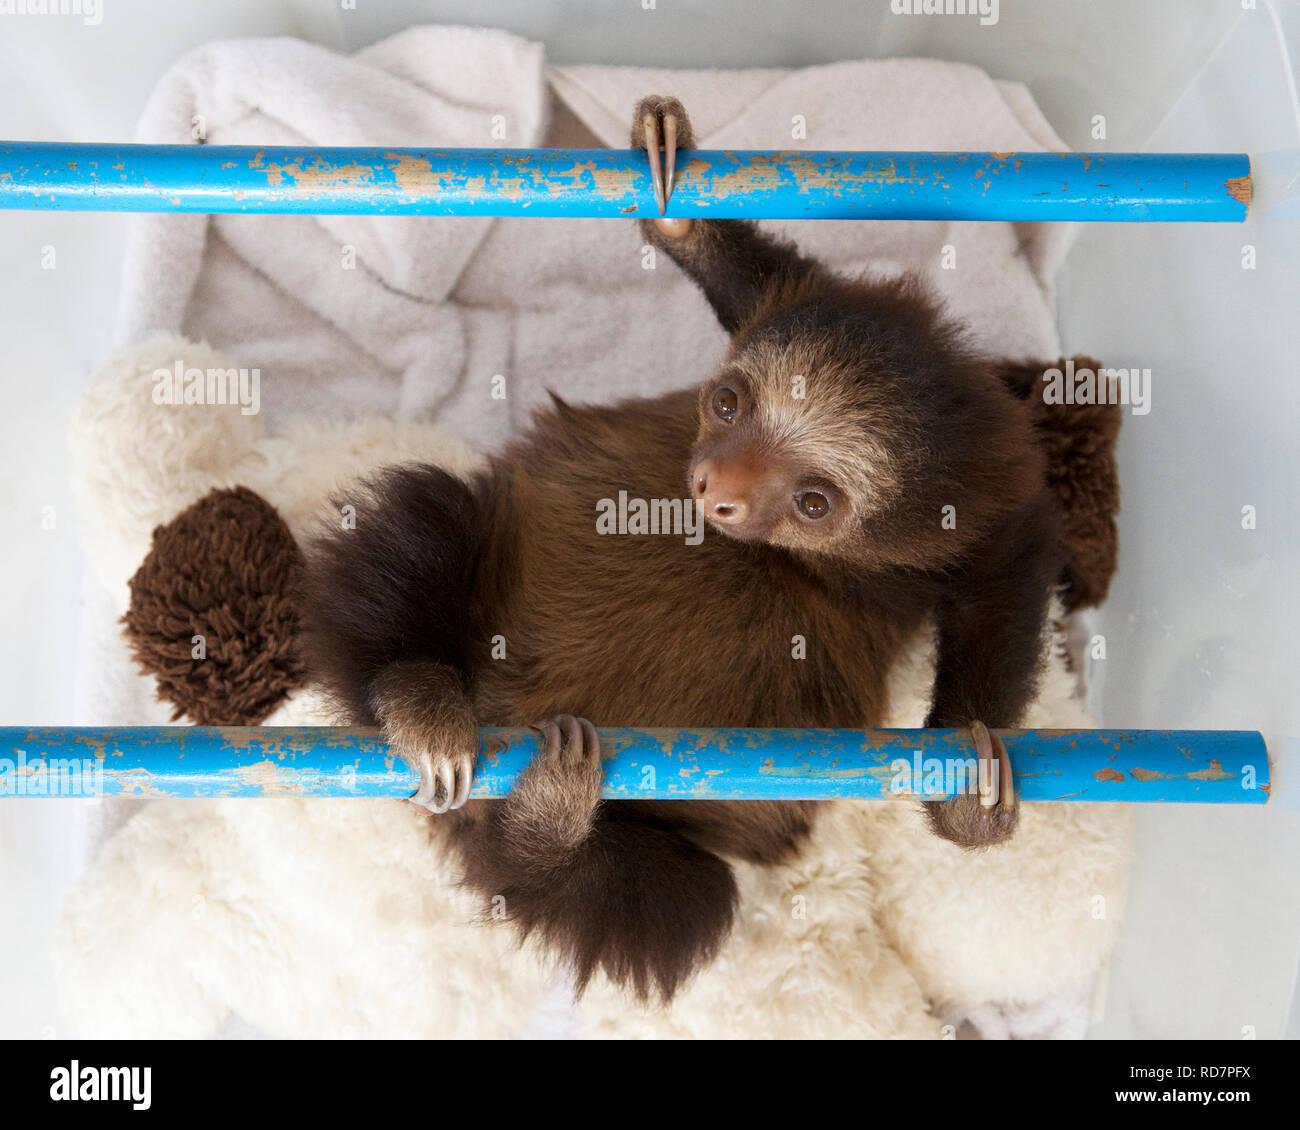 Les deux orphelines Hoffmann-toed Sloth bébé (Choloepus hoffmanni) play time en pépinière à l'Sloth Sanctuary Photo Stock